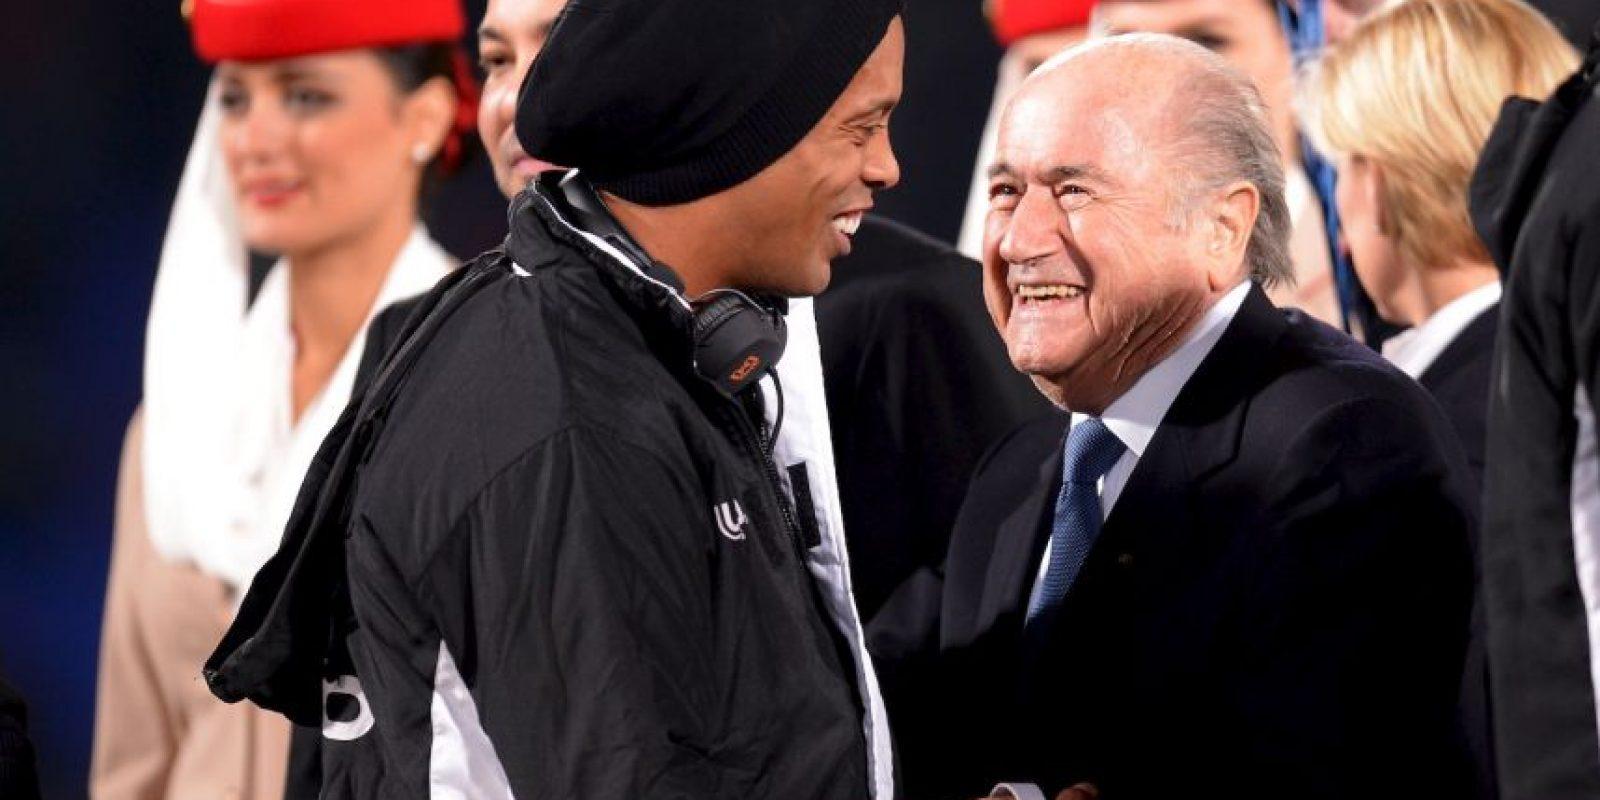 Al lado de Joseph Blatter, expresidente de la FIFA Foto:Getty Images. Imagen Por: